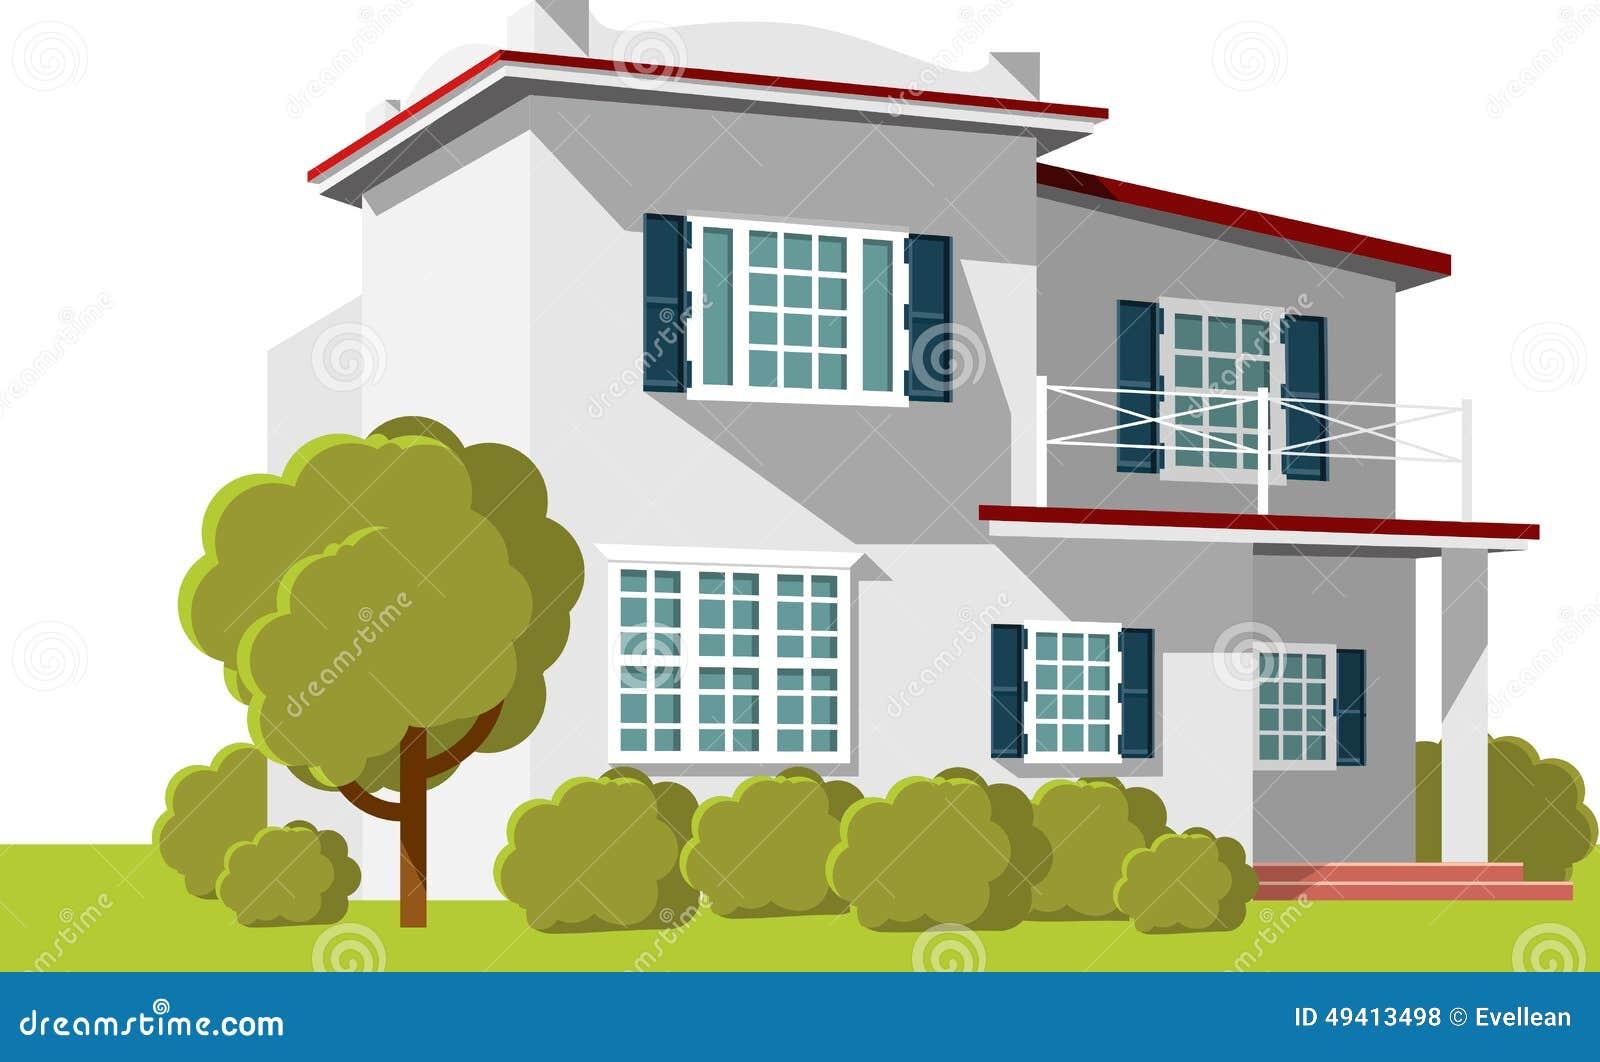 Download Architekturhintergrund Mit Familienhaus Vektor Abbildung - Illustration von zeichnung, lichtpause: 49413498